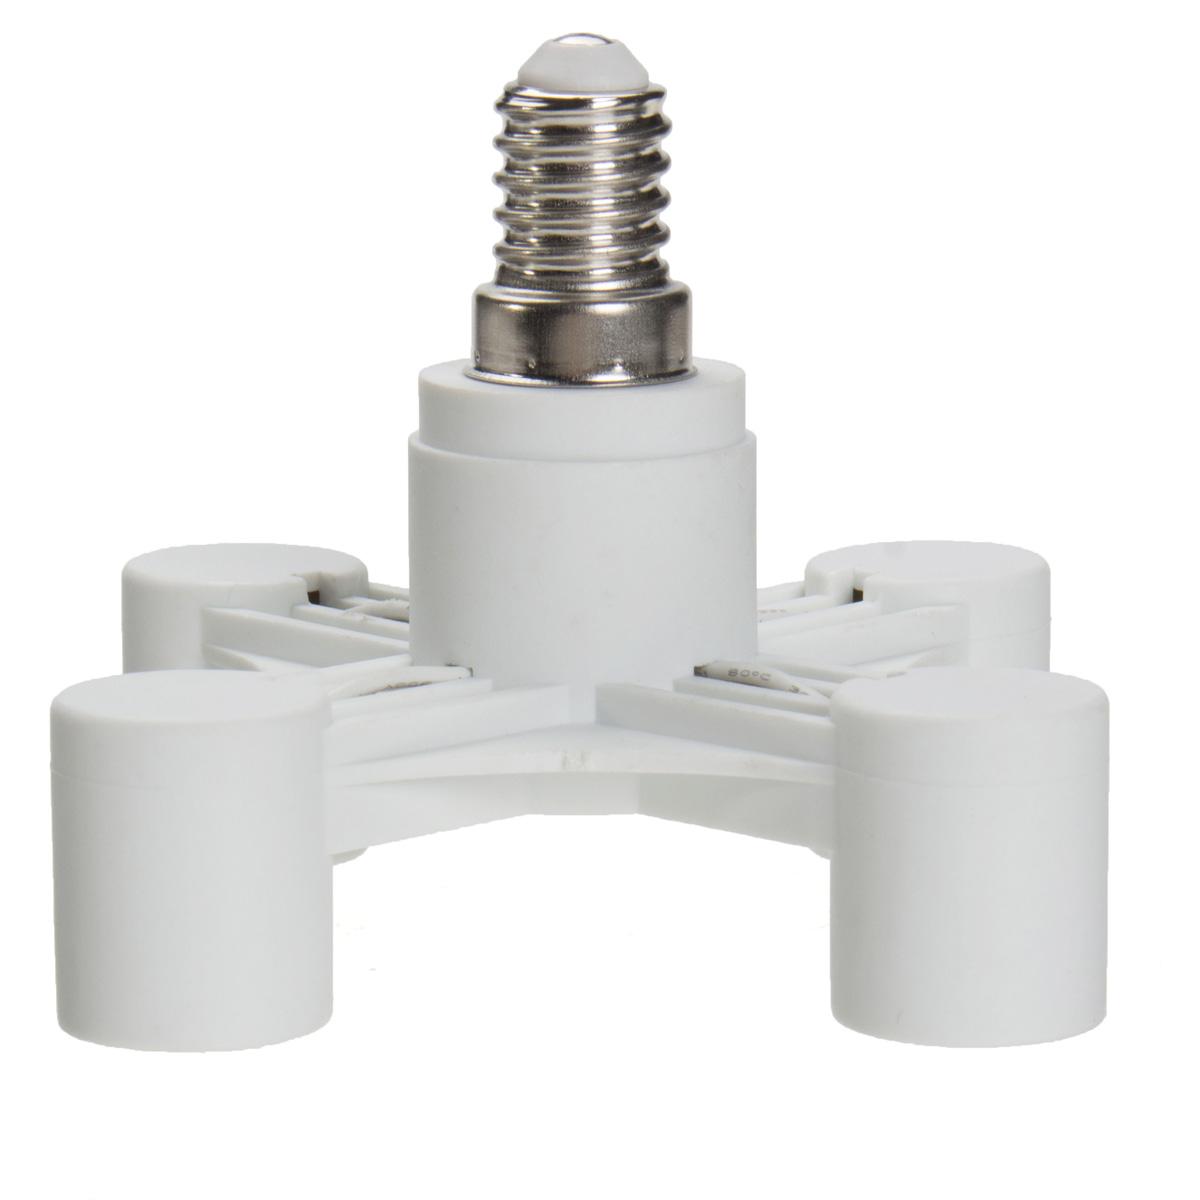 4 in 1 e14 e27 saving power light lamp bulb base adapter holder socket splitter ebay. Black Bedroom Furniture Sets. Home Design Ideas